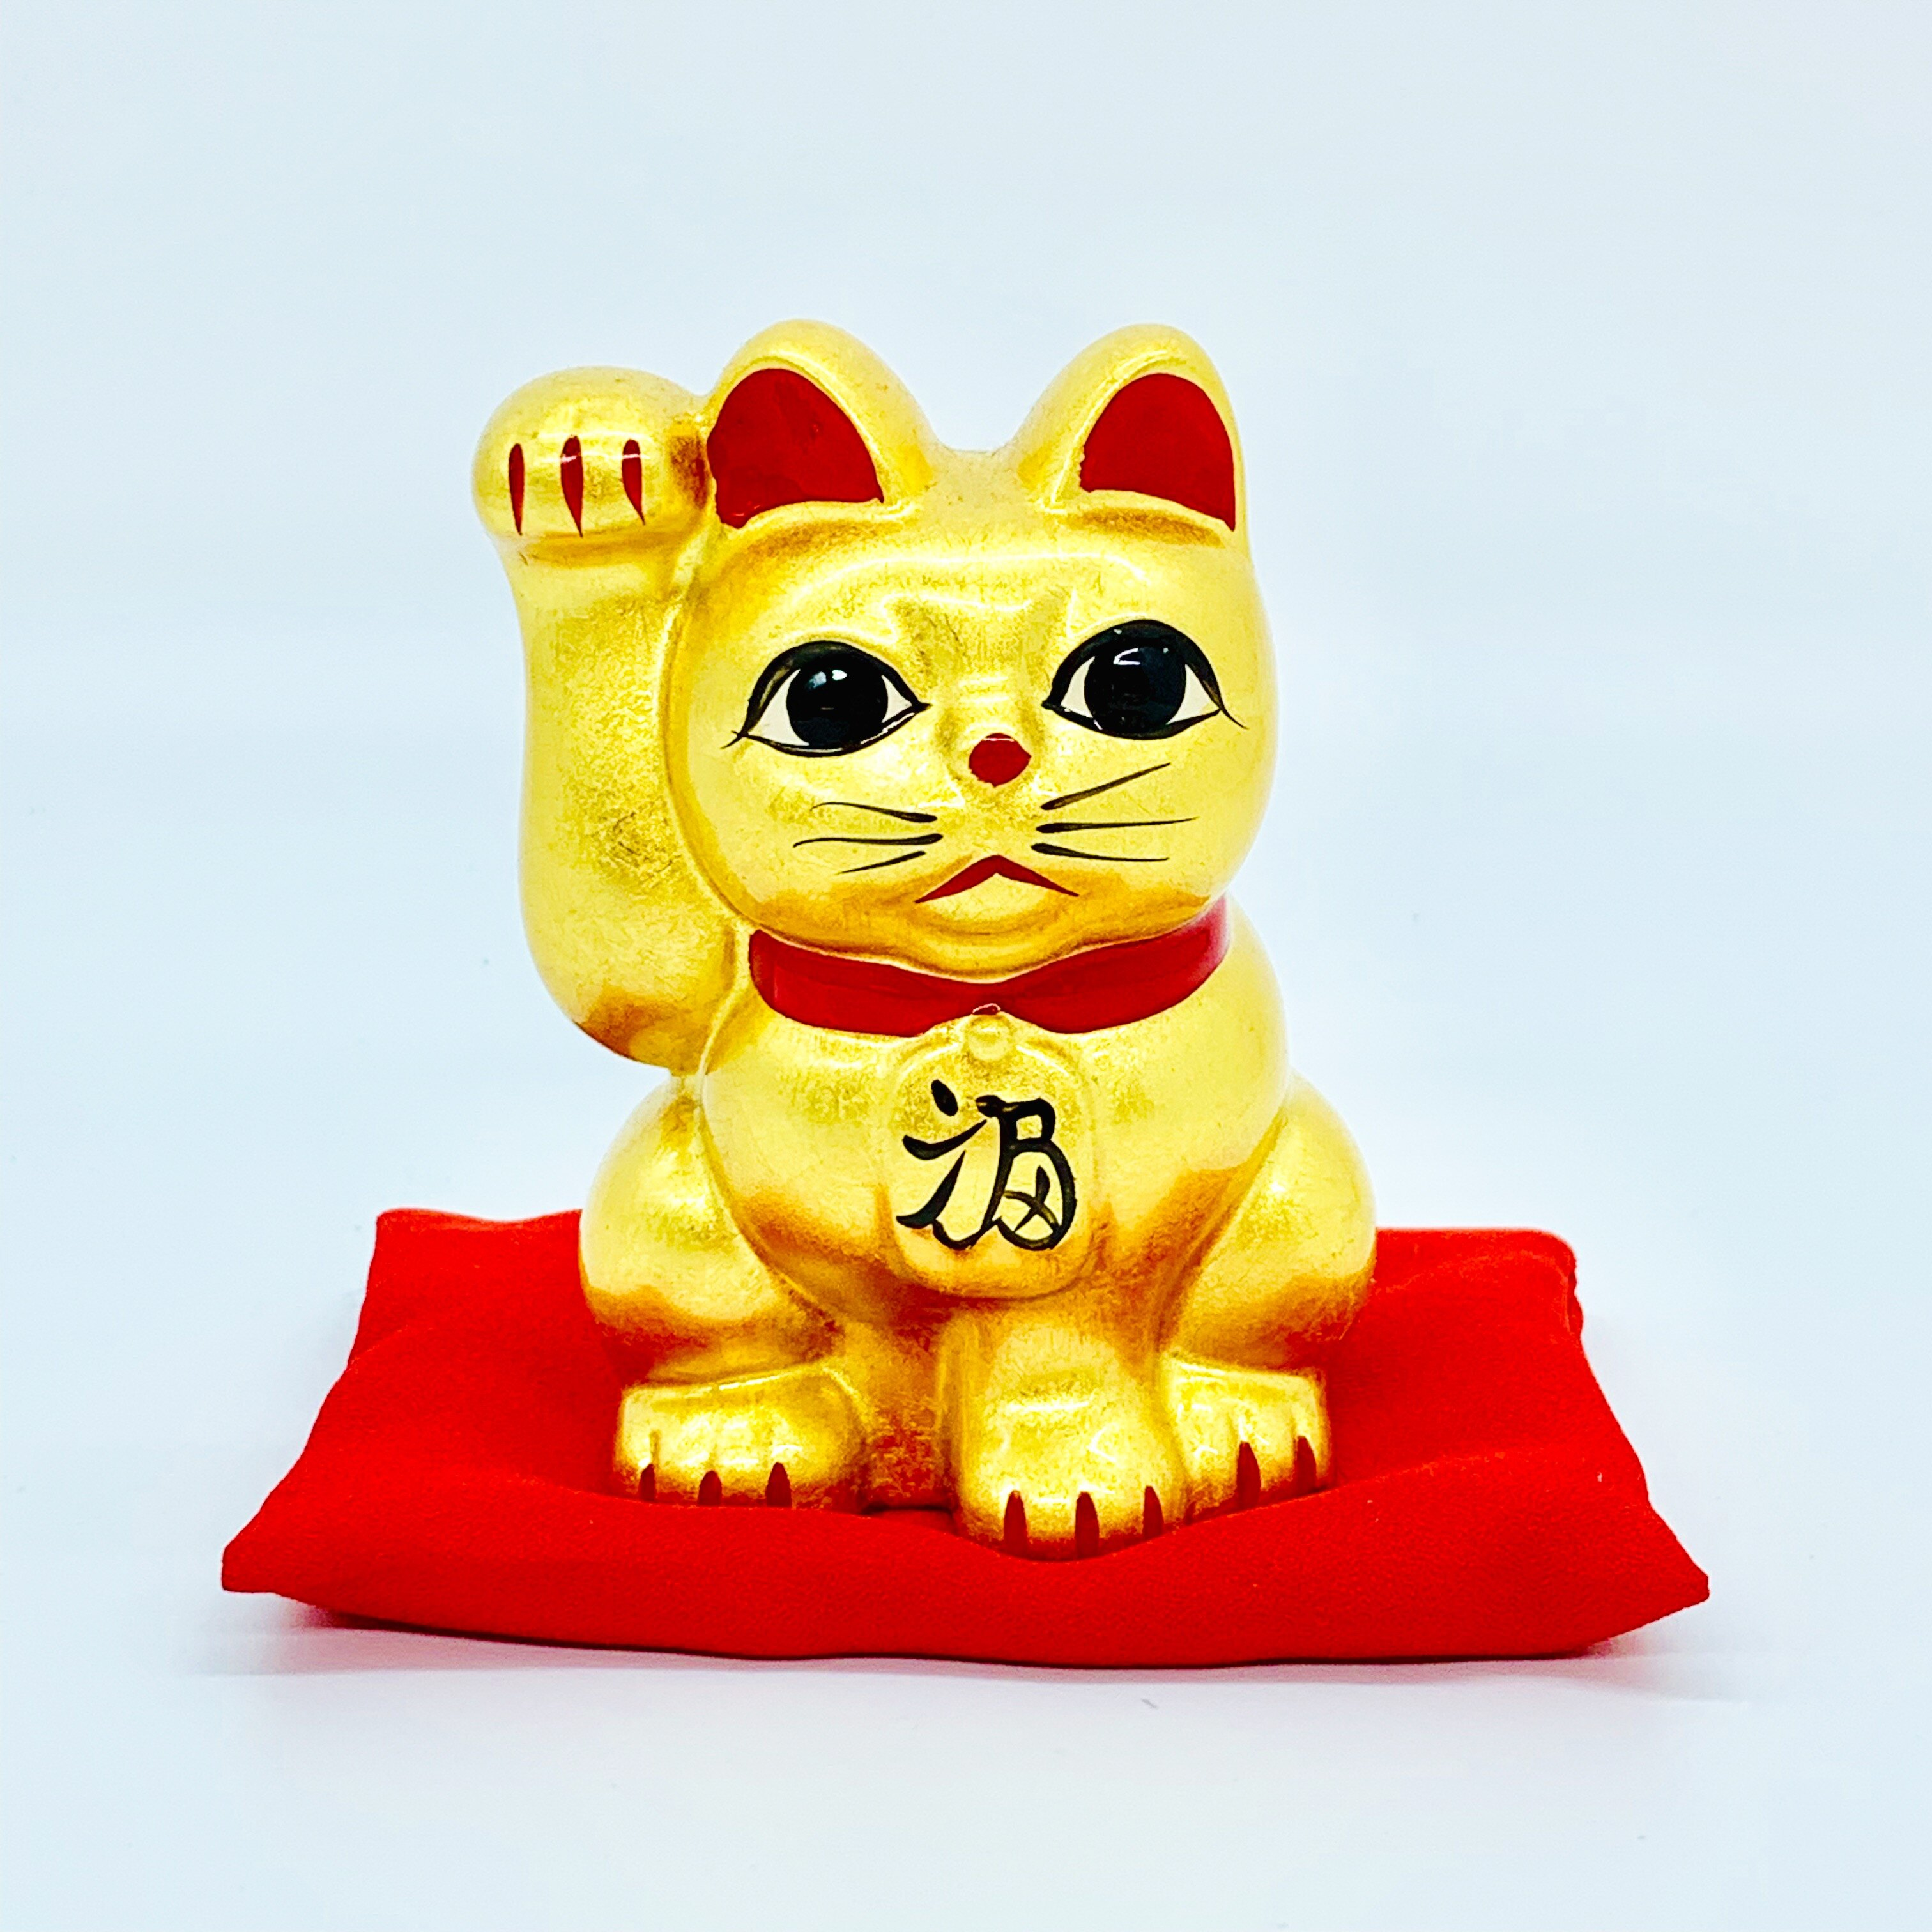 日本 金澤 金箔招財貓  3 號 日本百年老店直送 職人手作貼製